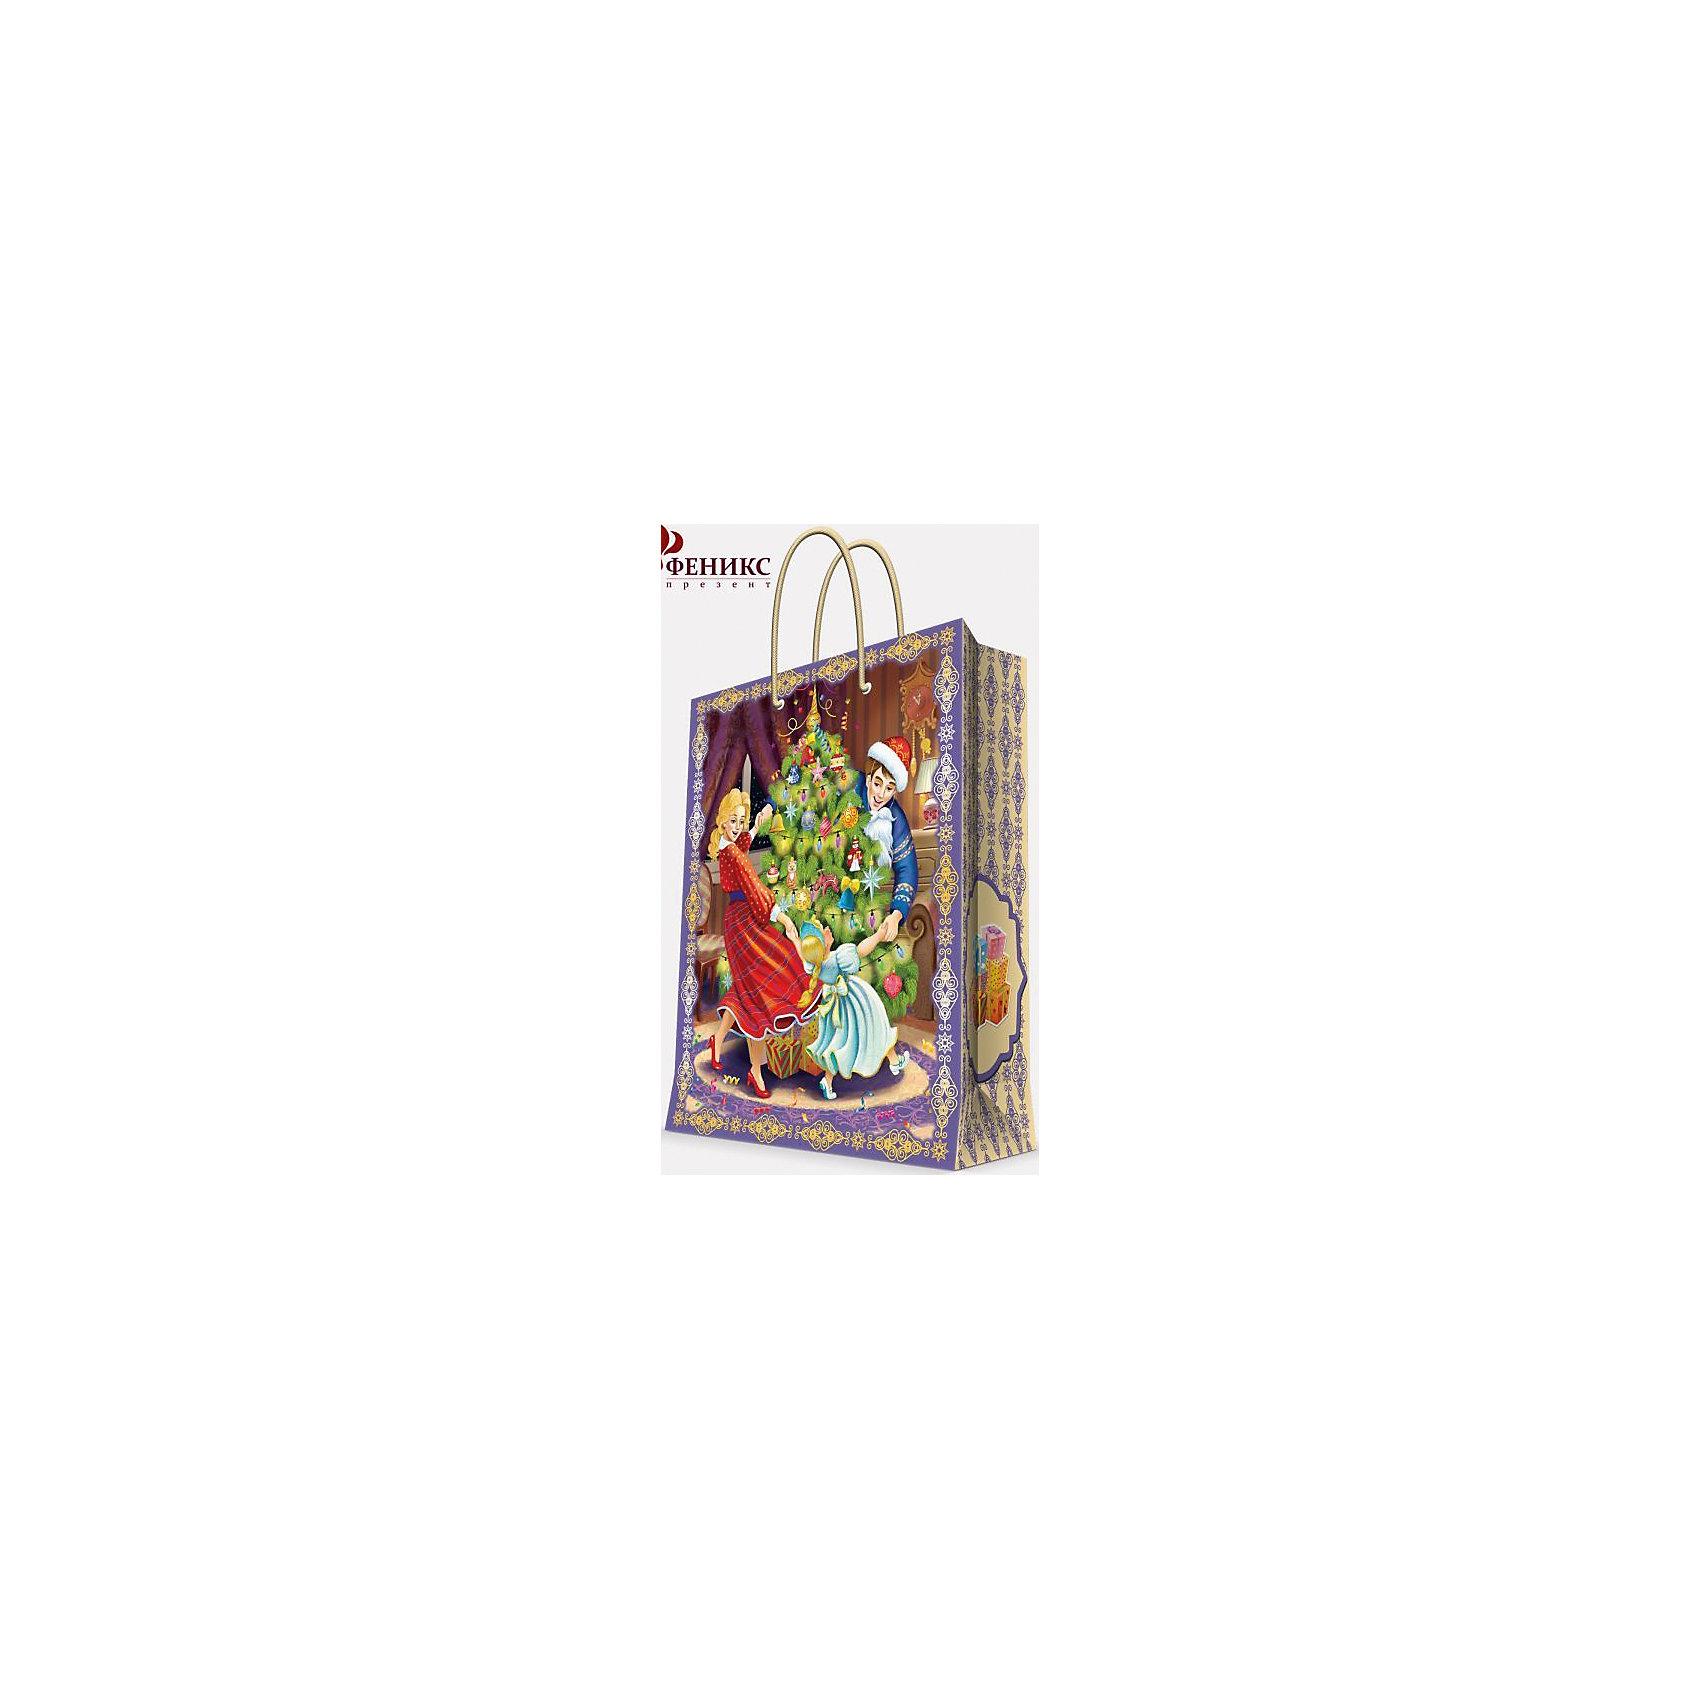 Бумажный пакет Счастливая семья 17,8*22,9*9,8 смВсё для праздника<br>Красиво упакованный подарок приятнее получать вдвойне! Подарочный пакет - универсальная яркая и стильная упаковка, подходящая для любых подарков. <br><br>Дополнительная информация:<br><br>- Материал: бумага (плотность - 140 г/м2). <br>- Размер: 17,8х22,9х9,8 см. <br><br>Бумажный пакет Счастливая семья, 17,8*22,9*9,8 см., можно купить в нашем магазине.<br><br>Ширина мм: 180<br>Глубина мм: 230<br>Высота мм: 10<br>Вес г: 270<br>Возраст от месяцев: 36<br>Возраст до месяцев: 2147483647<br>Пол: Унисекс<br>Возраст: Детский<br>SKU: 4981337